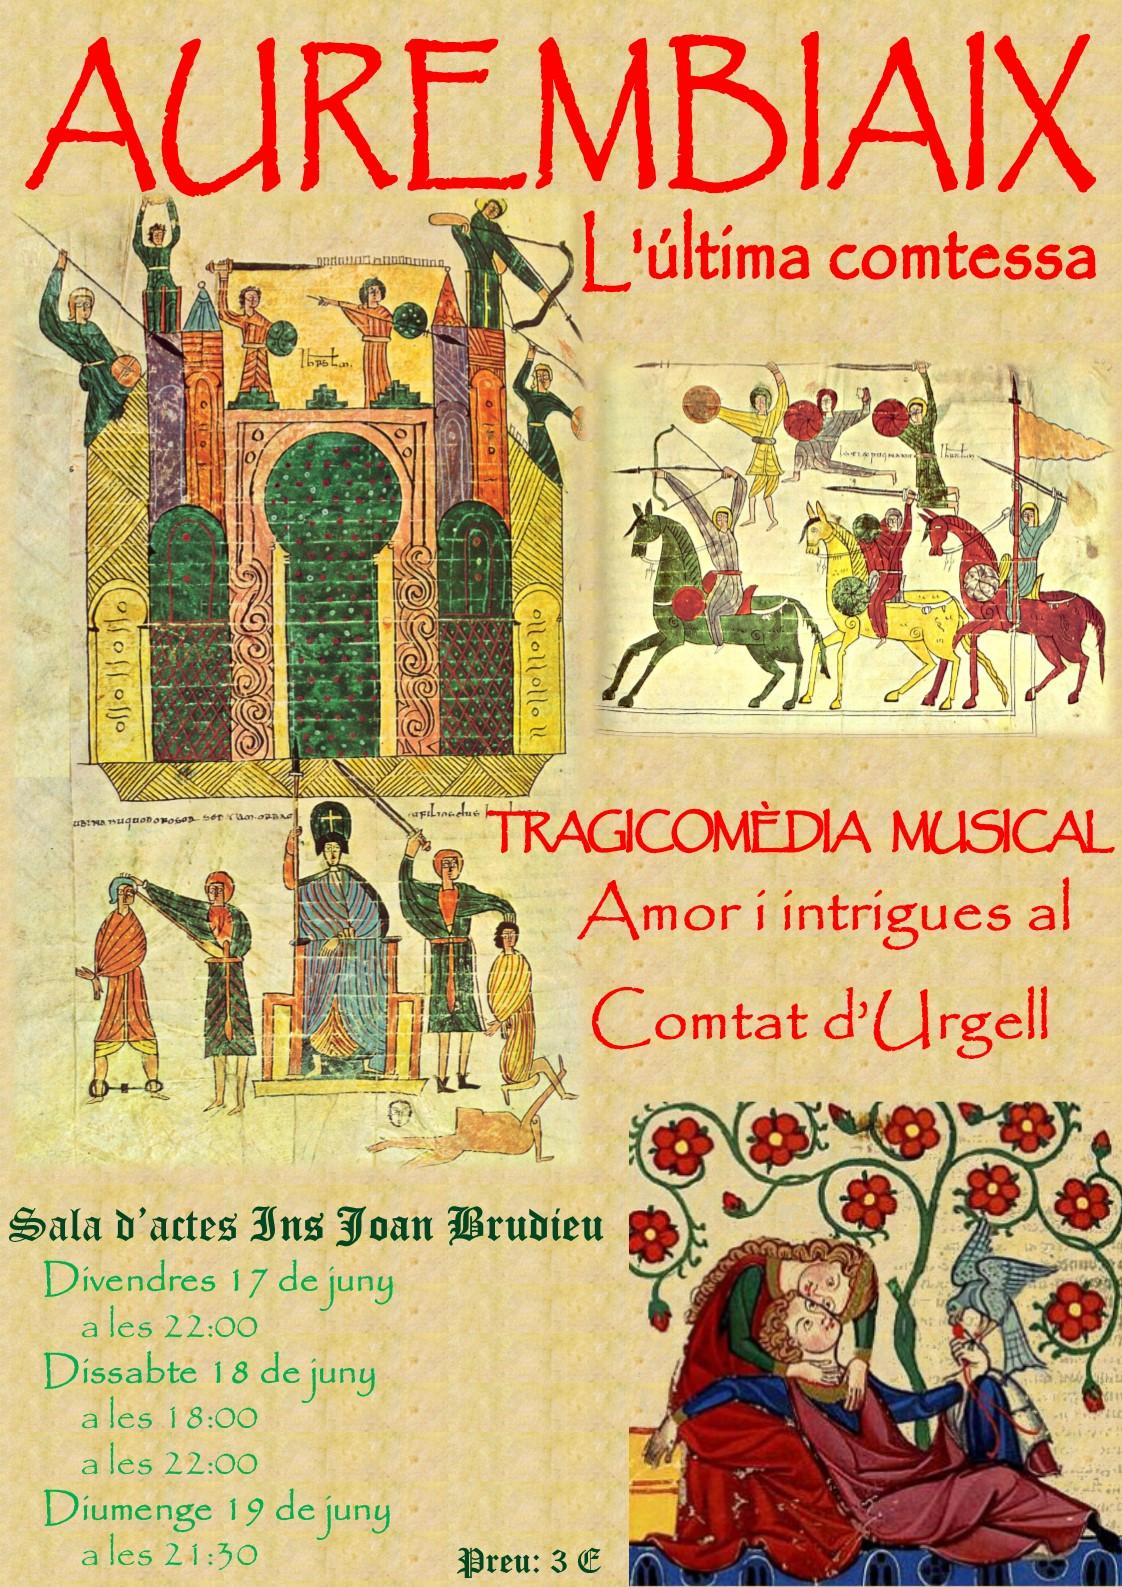 Tragicomèdia musical: Aurembiaix: l'última comtessa